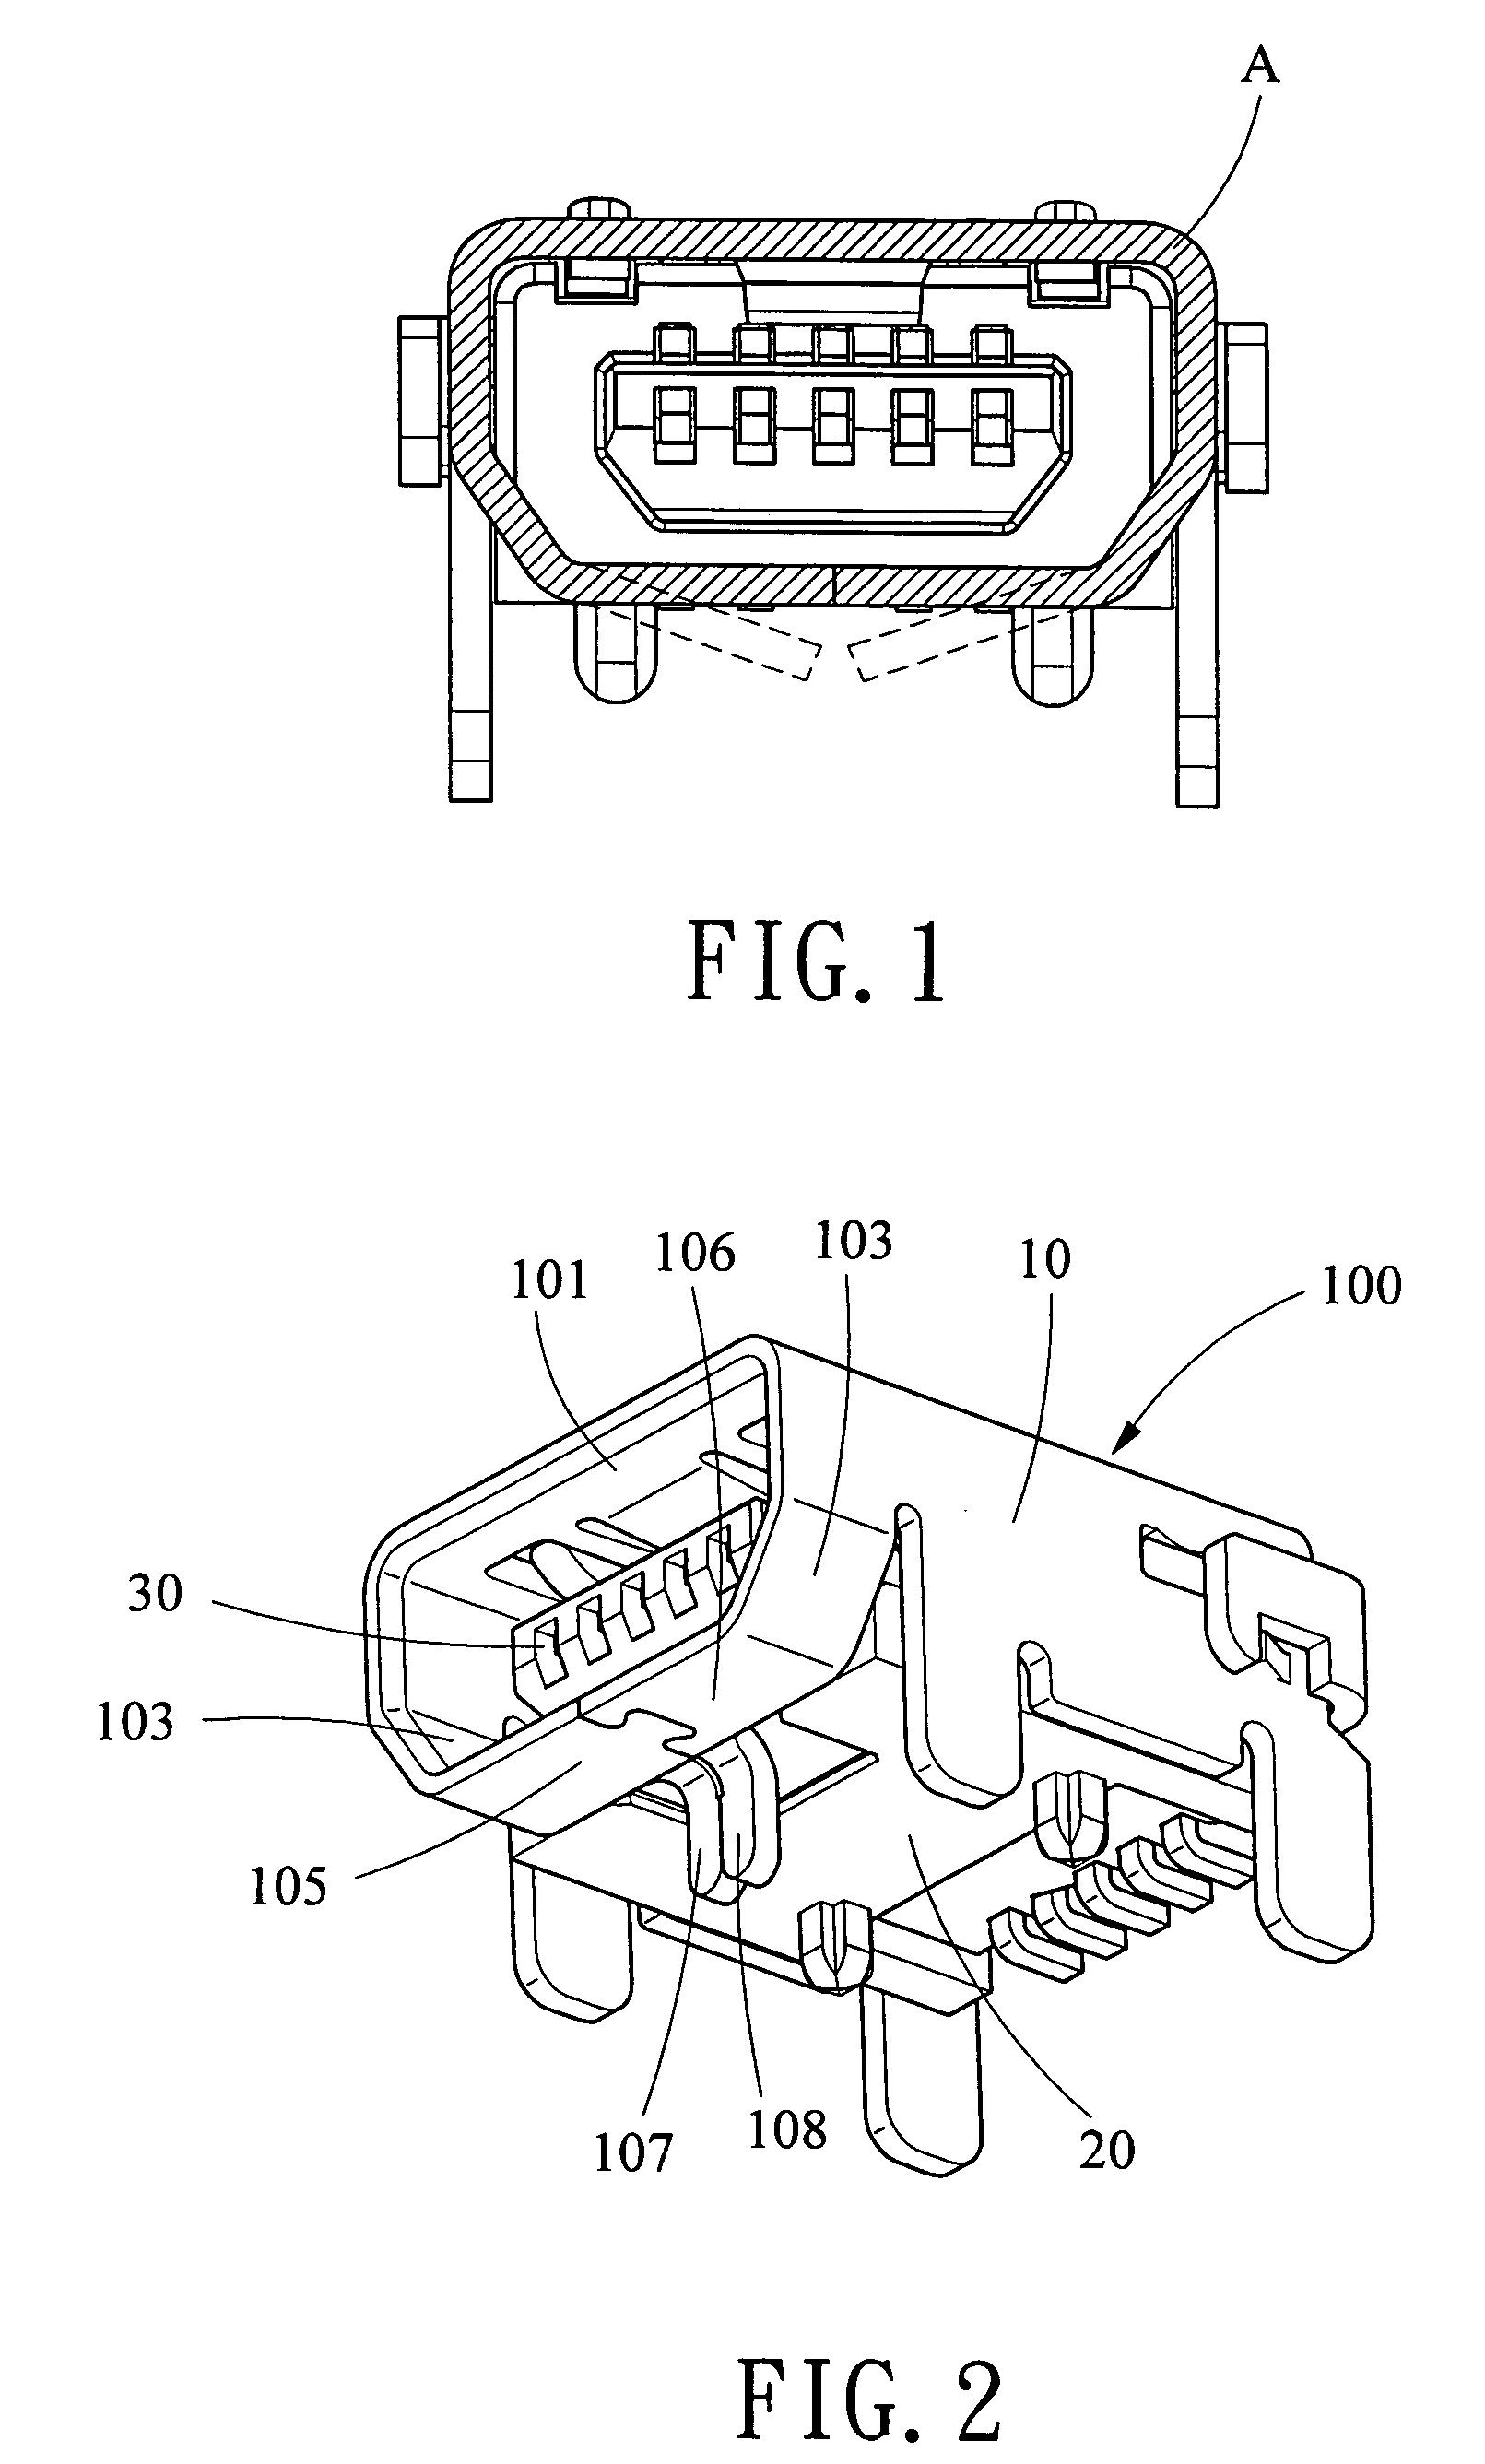 mini-usb receptacle connector